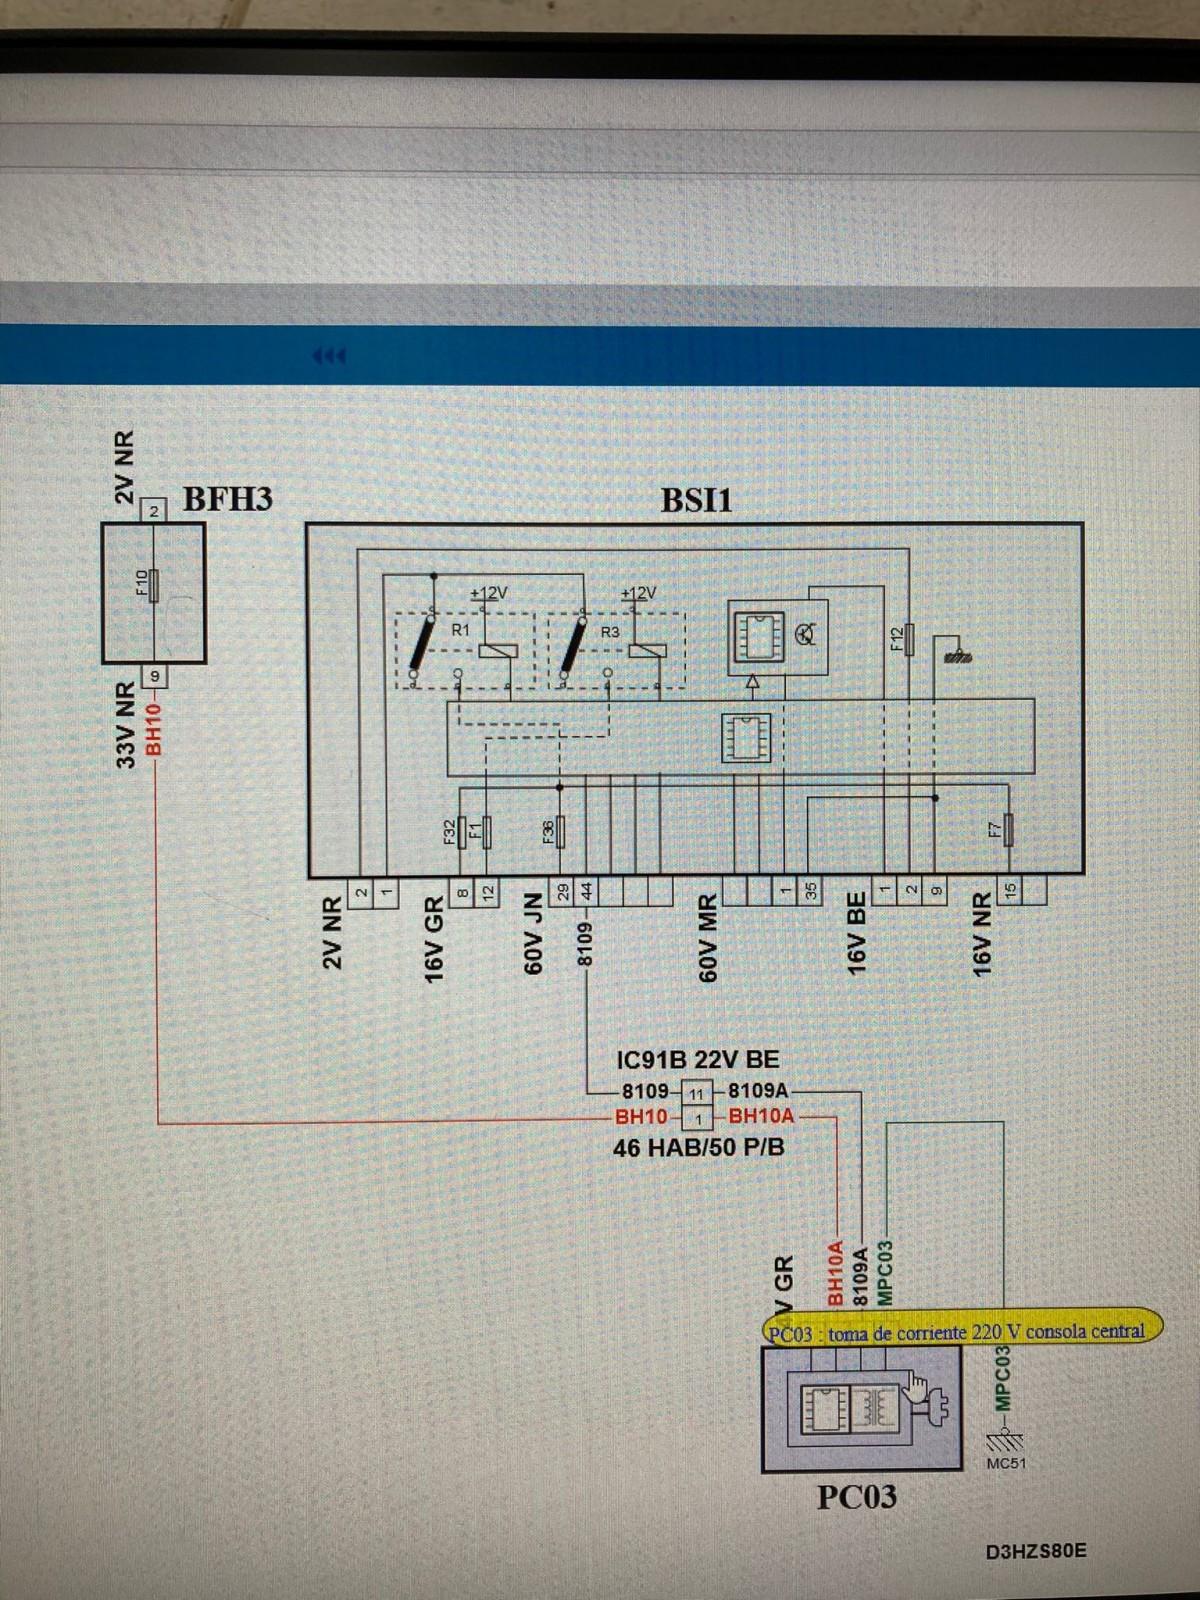 IMG-20211004-WA0008.jpg